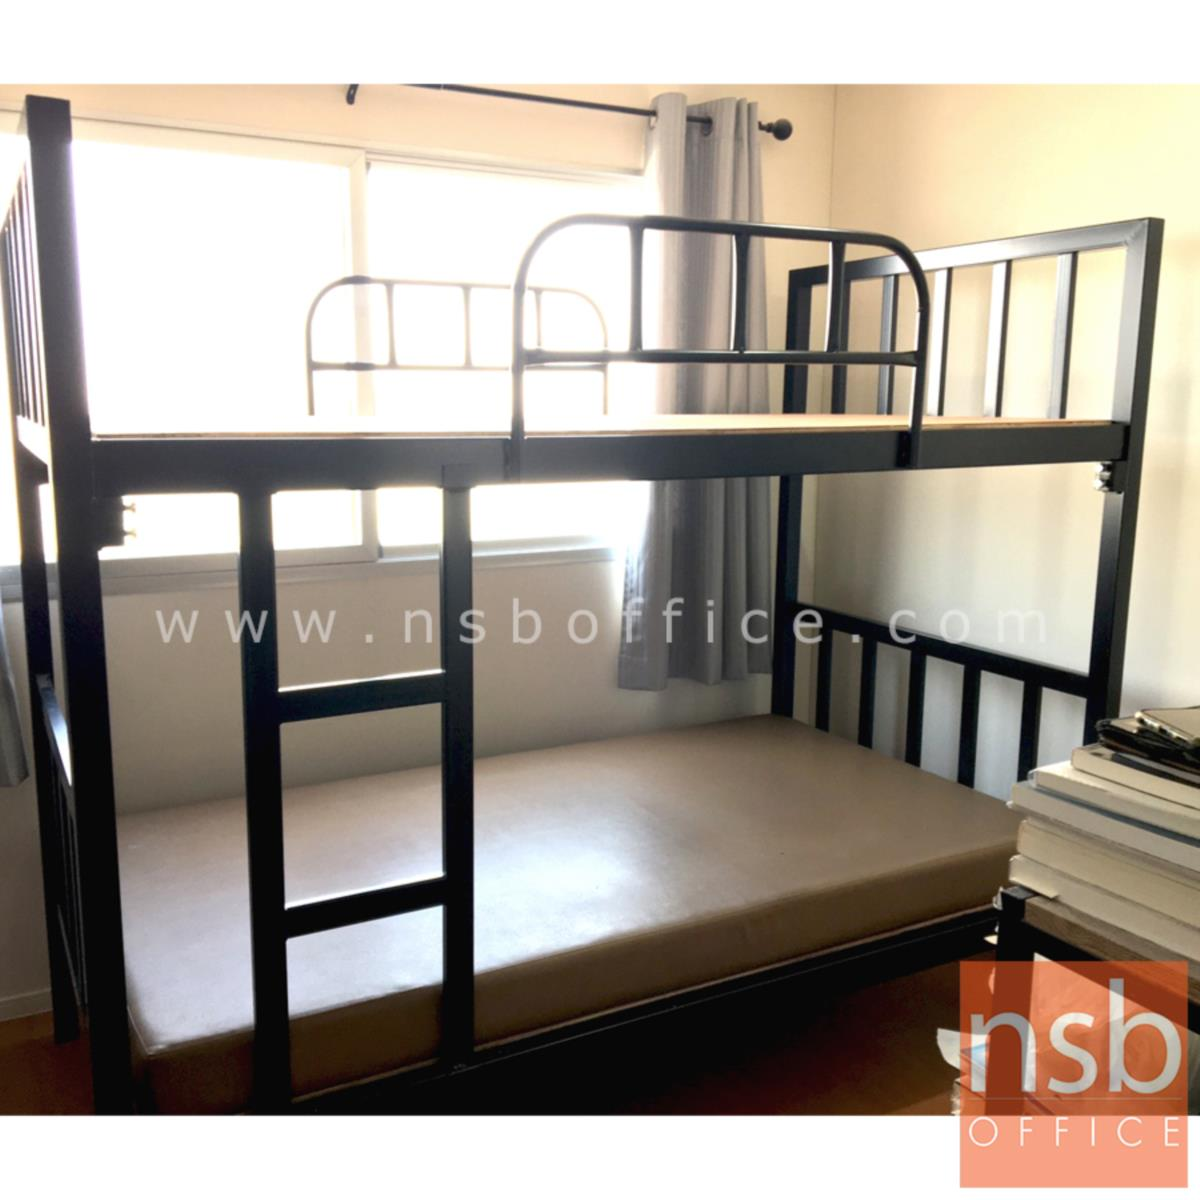 เตียงเหล็ก 2 ชั้น ขนาด 3.5 ฟุต   เหล็กหนาพิเศษ